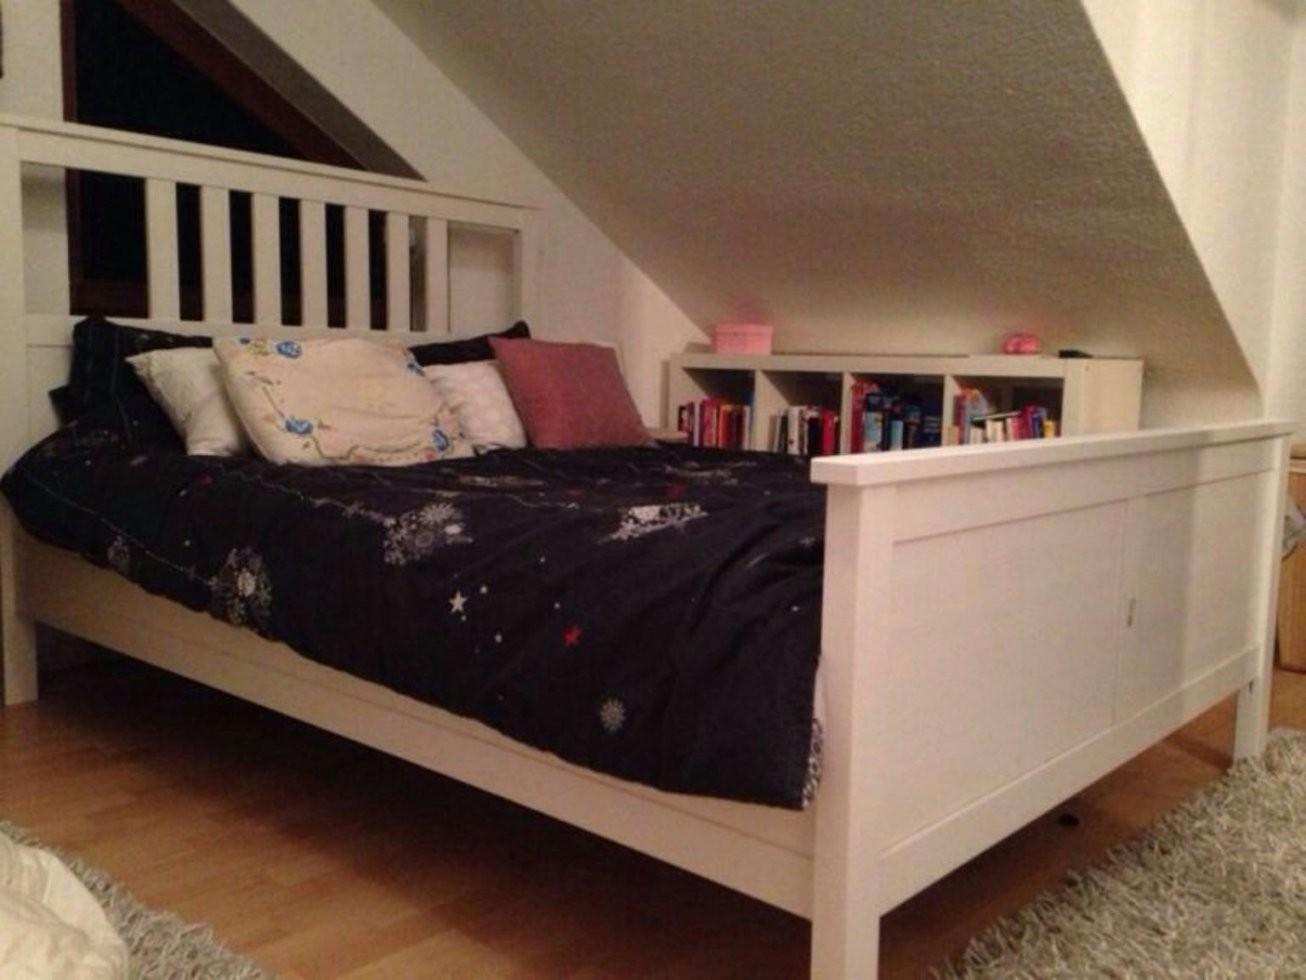 Gebraucht Hemnes Bett 140X200 In 75015 Bretten Um € 15000 – Shpock von Hemnes Bett 140X200 Bild